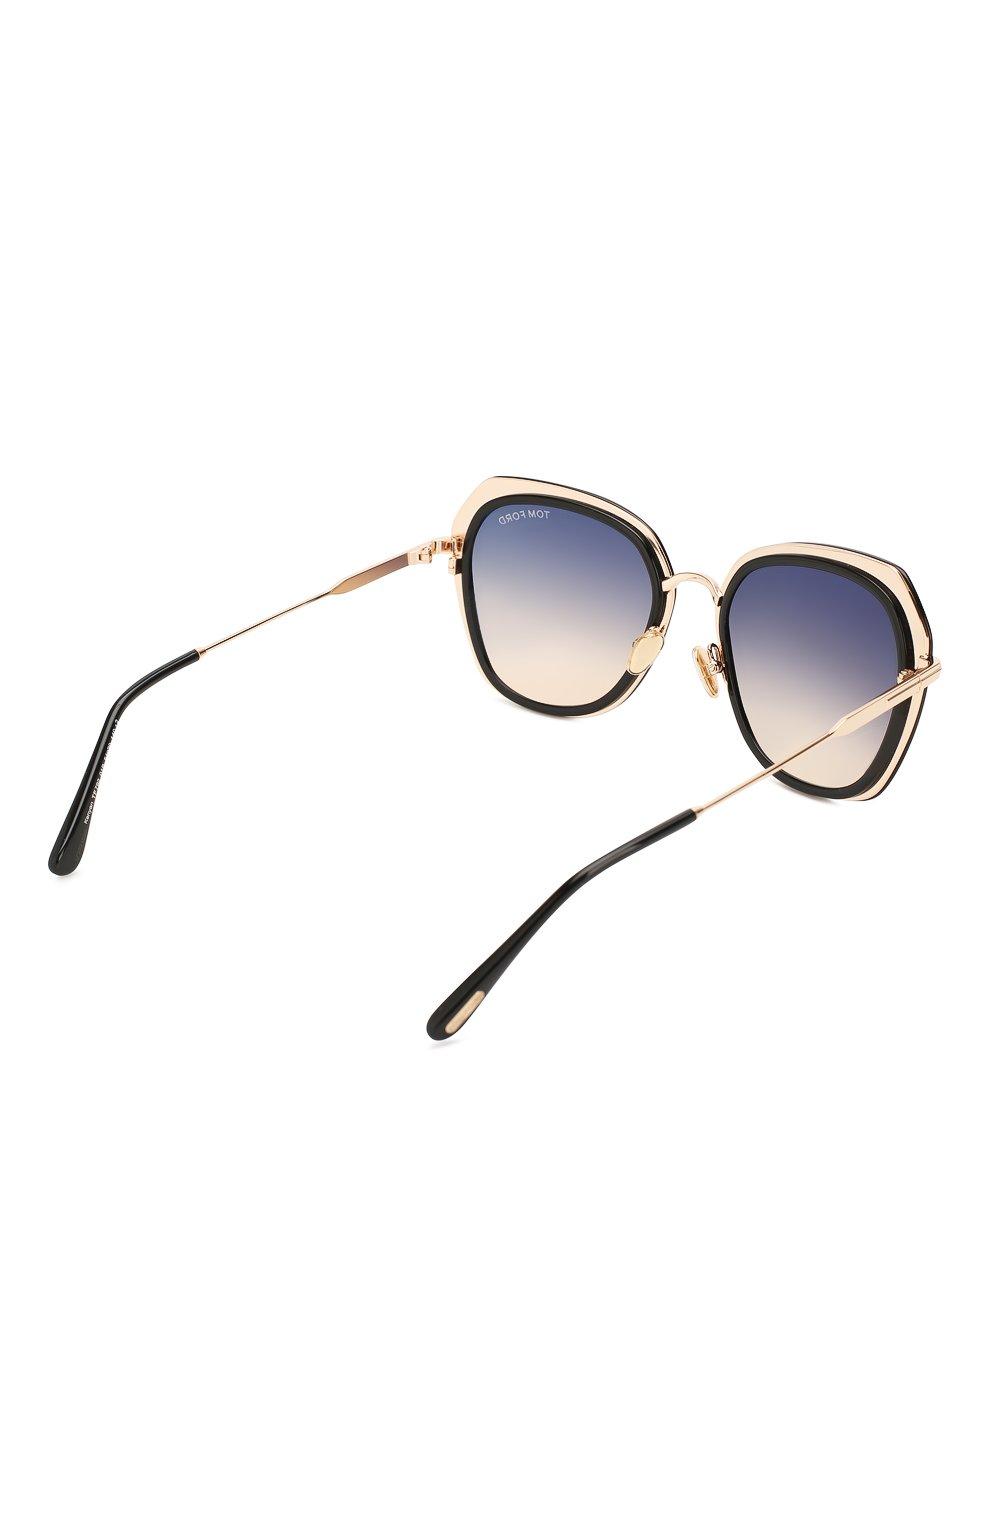 Женские солнцезащитные очки TOM FORD черного цвета, арт. TF792 01B   Фото 4